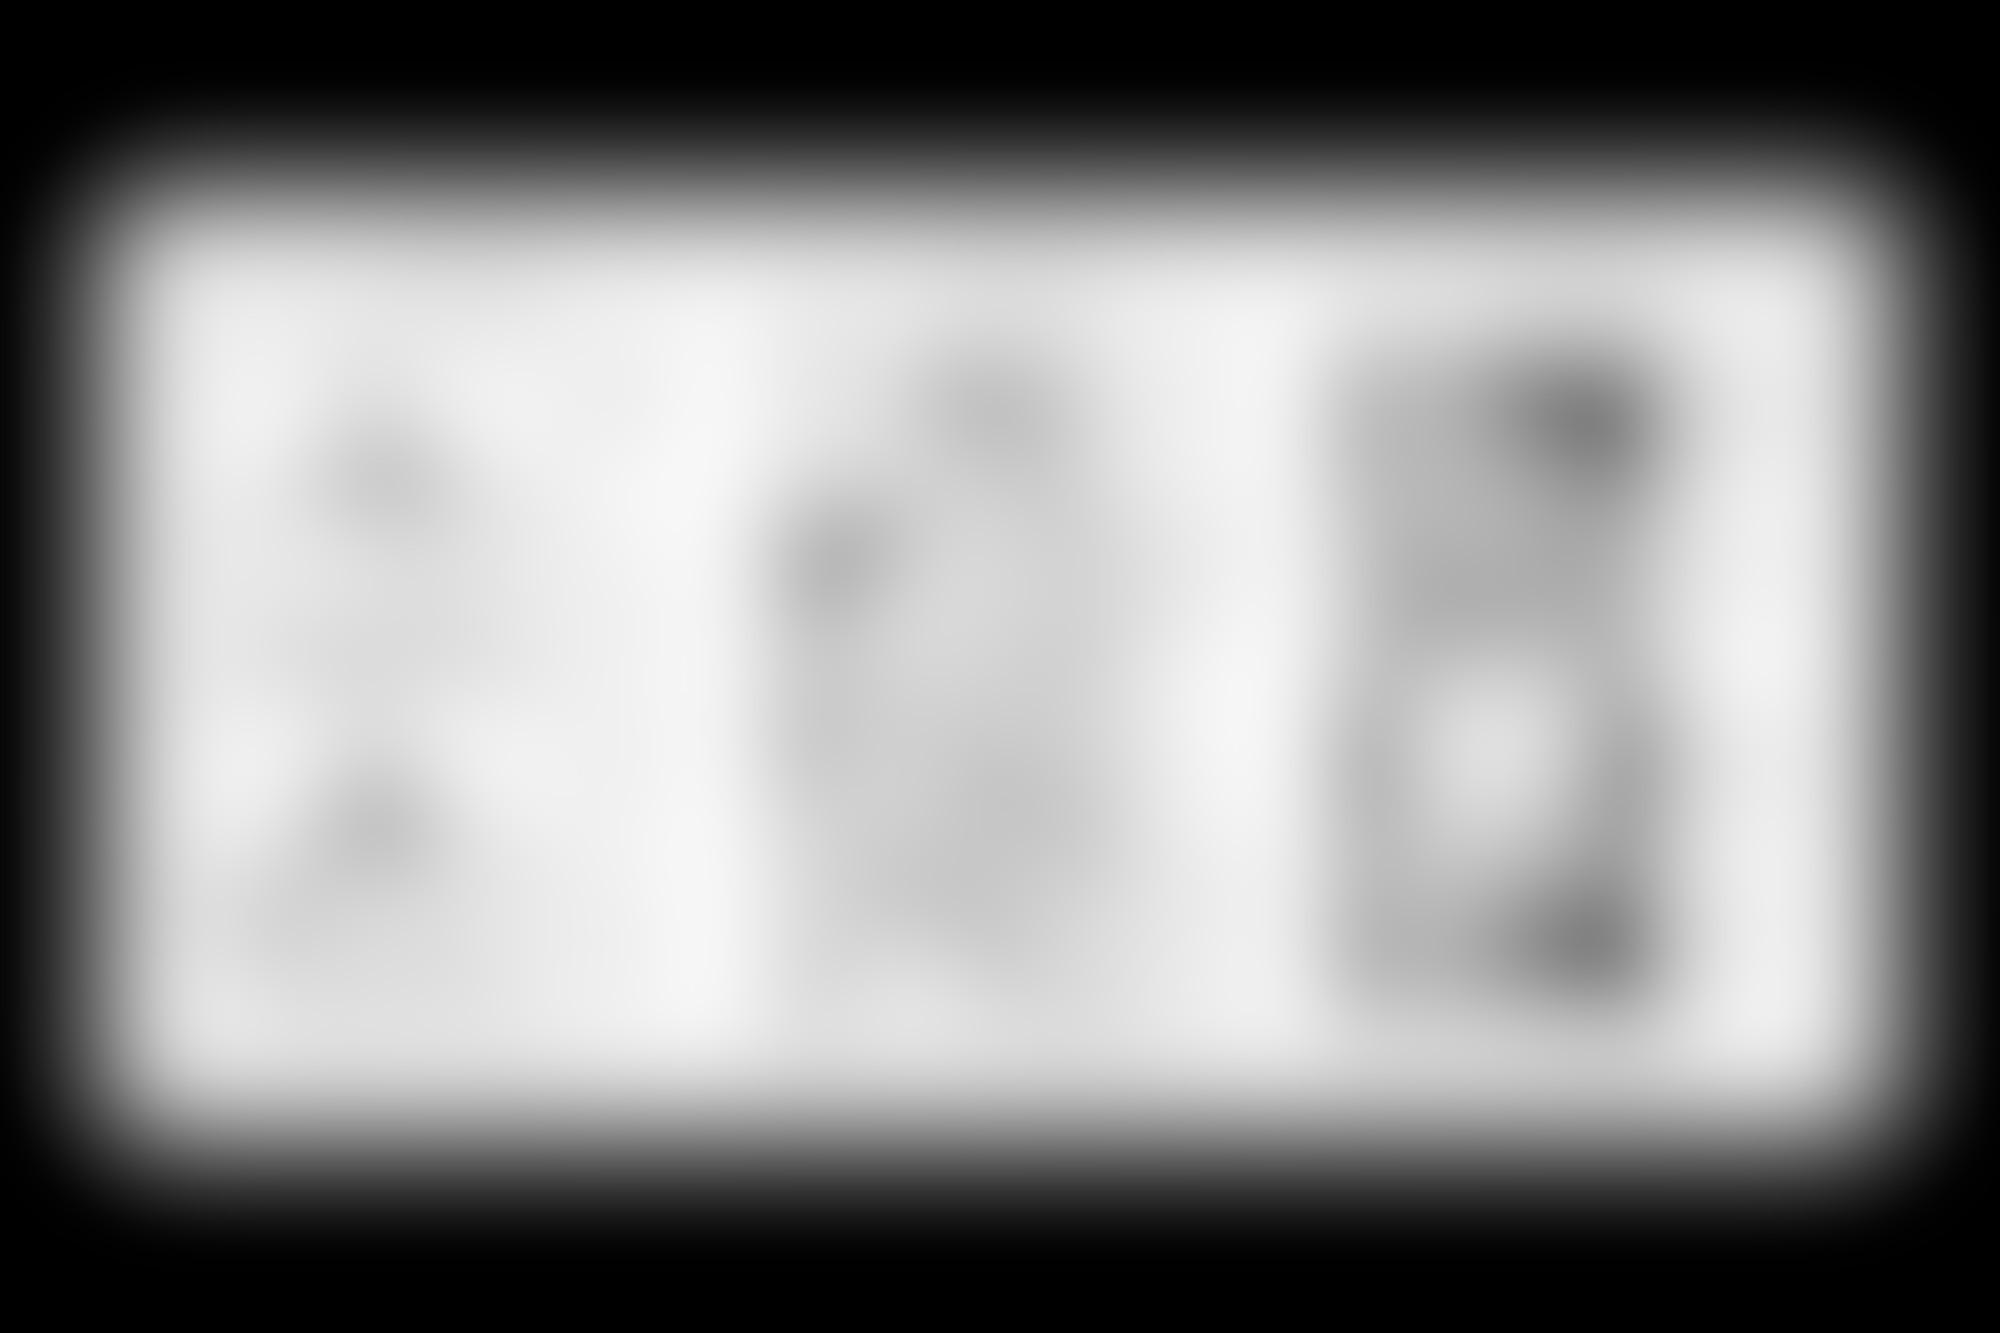 Neil Macguire Lecture in progress the awakening autocompressfitresizeixlibphp 1 1 0max h2000max w3 D2000q80sfd93ecdc68bbb27734c7f114c7aa852b